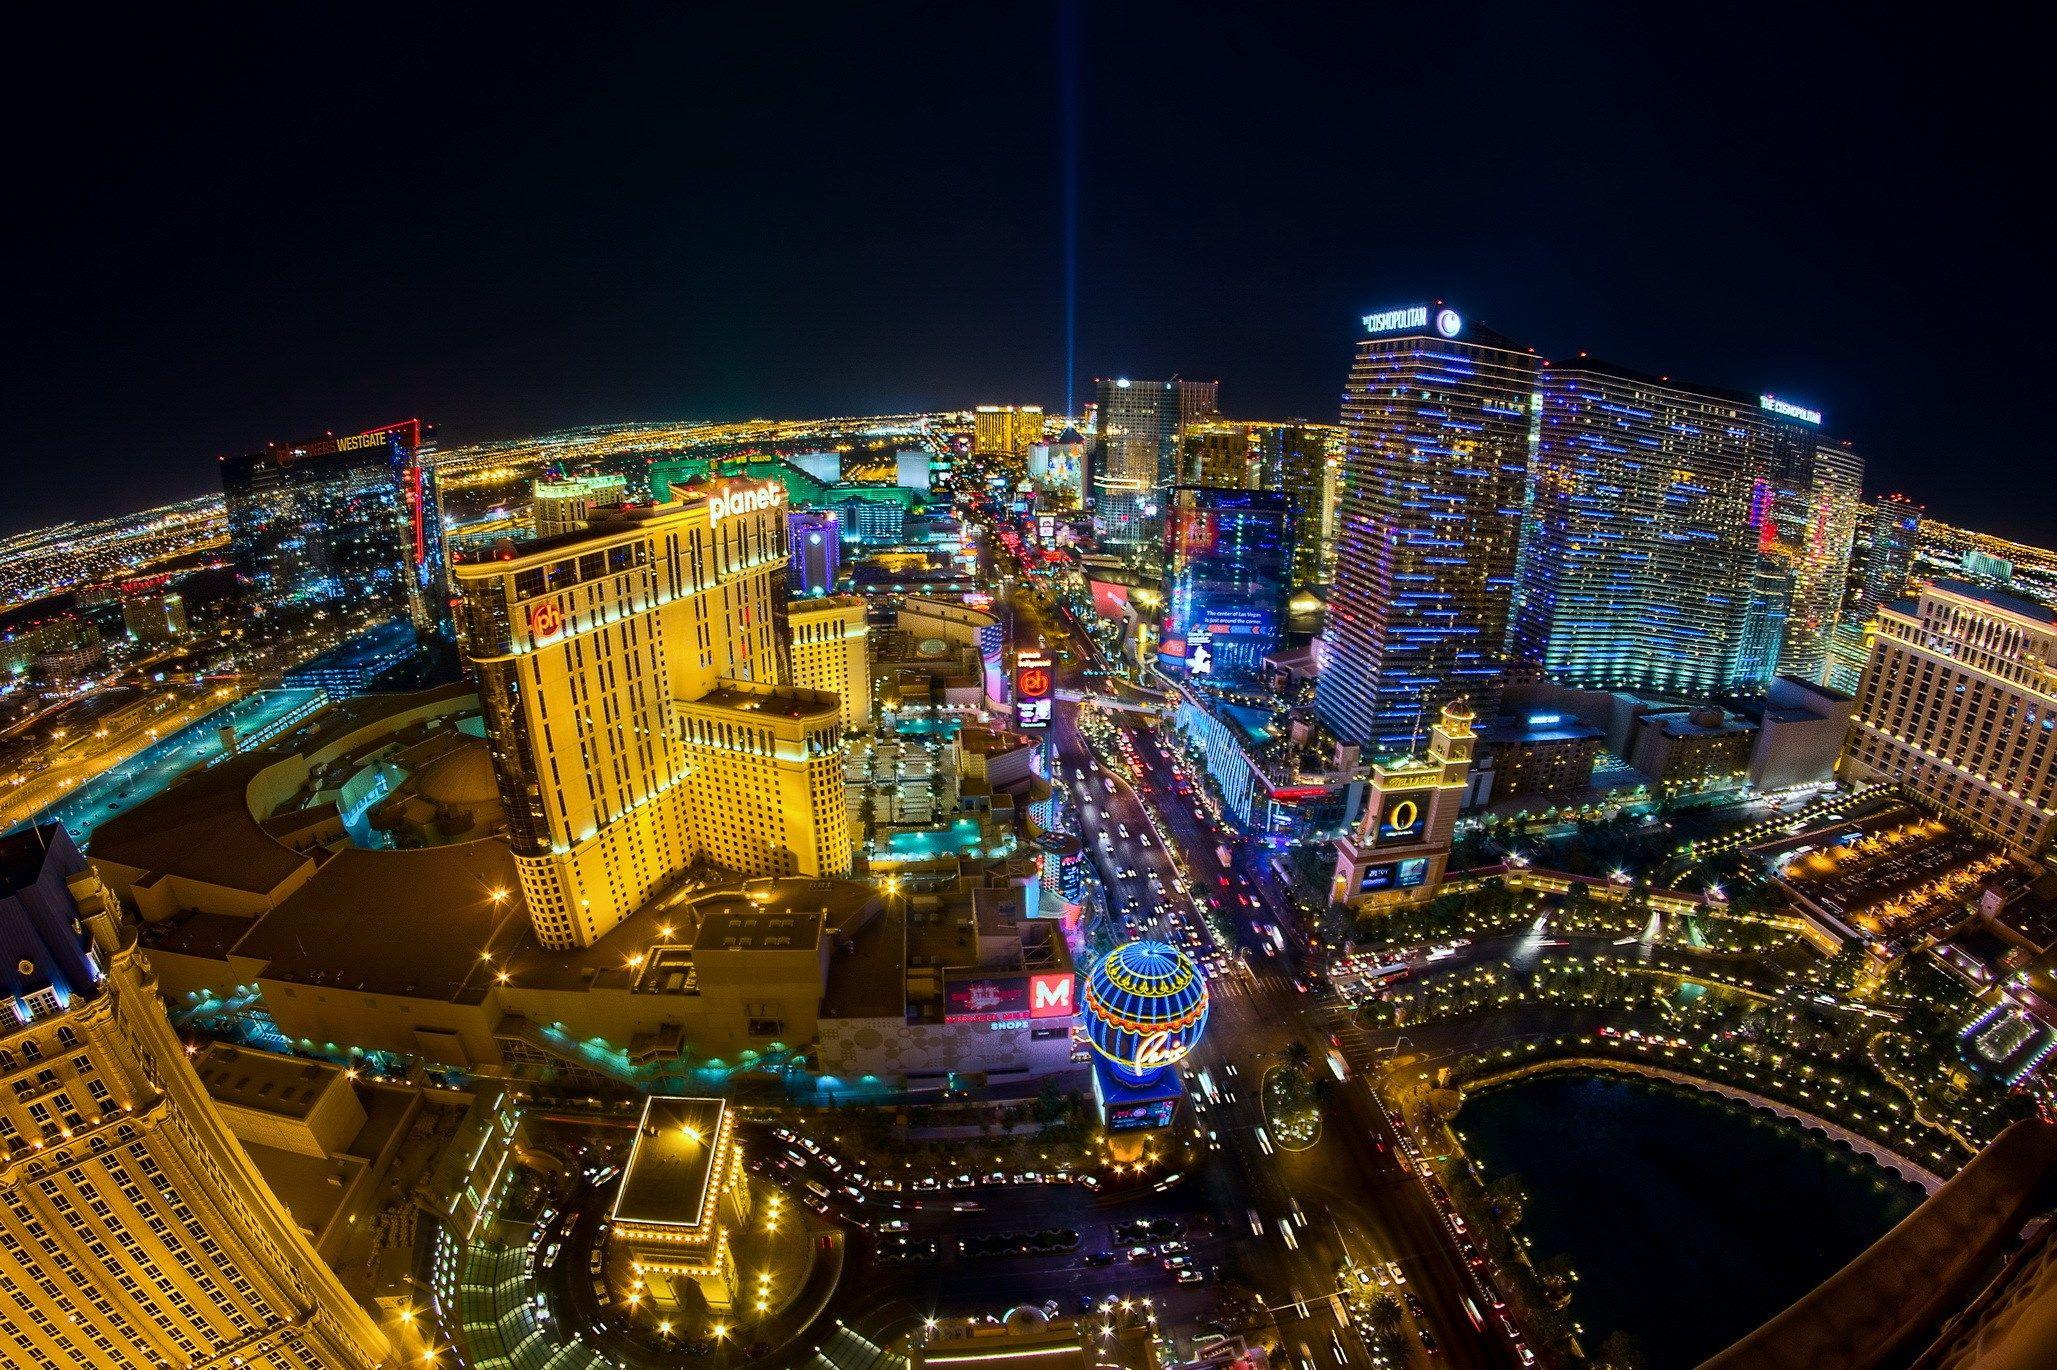 Wallpaper Las Vegas Images Las Vegas City Las Vegas Images Las Vegas Photos